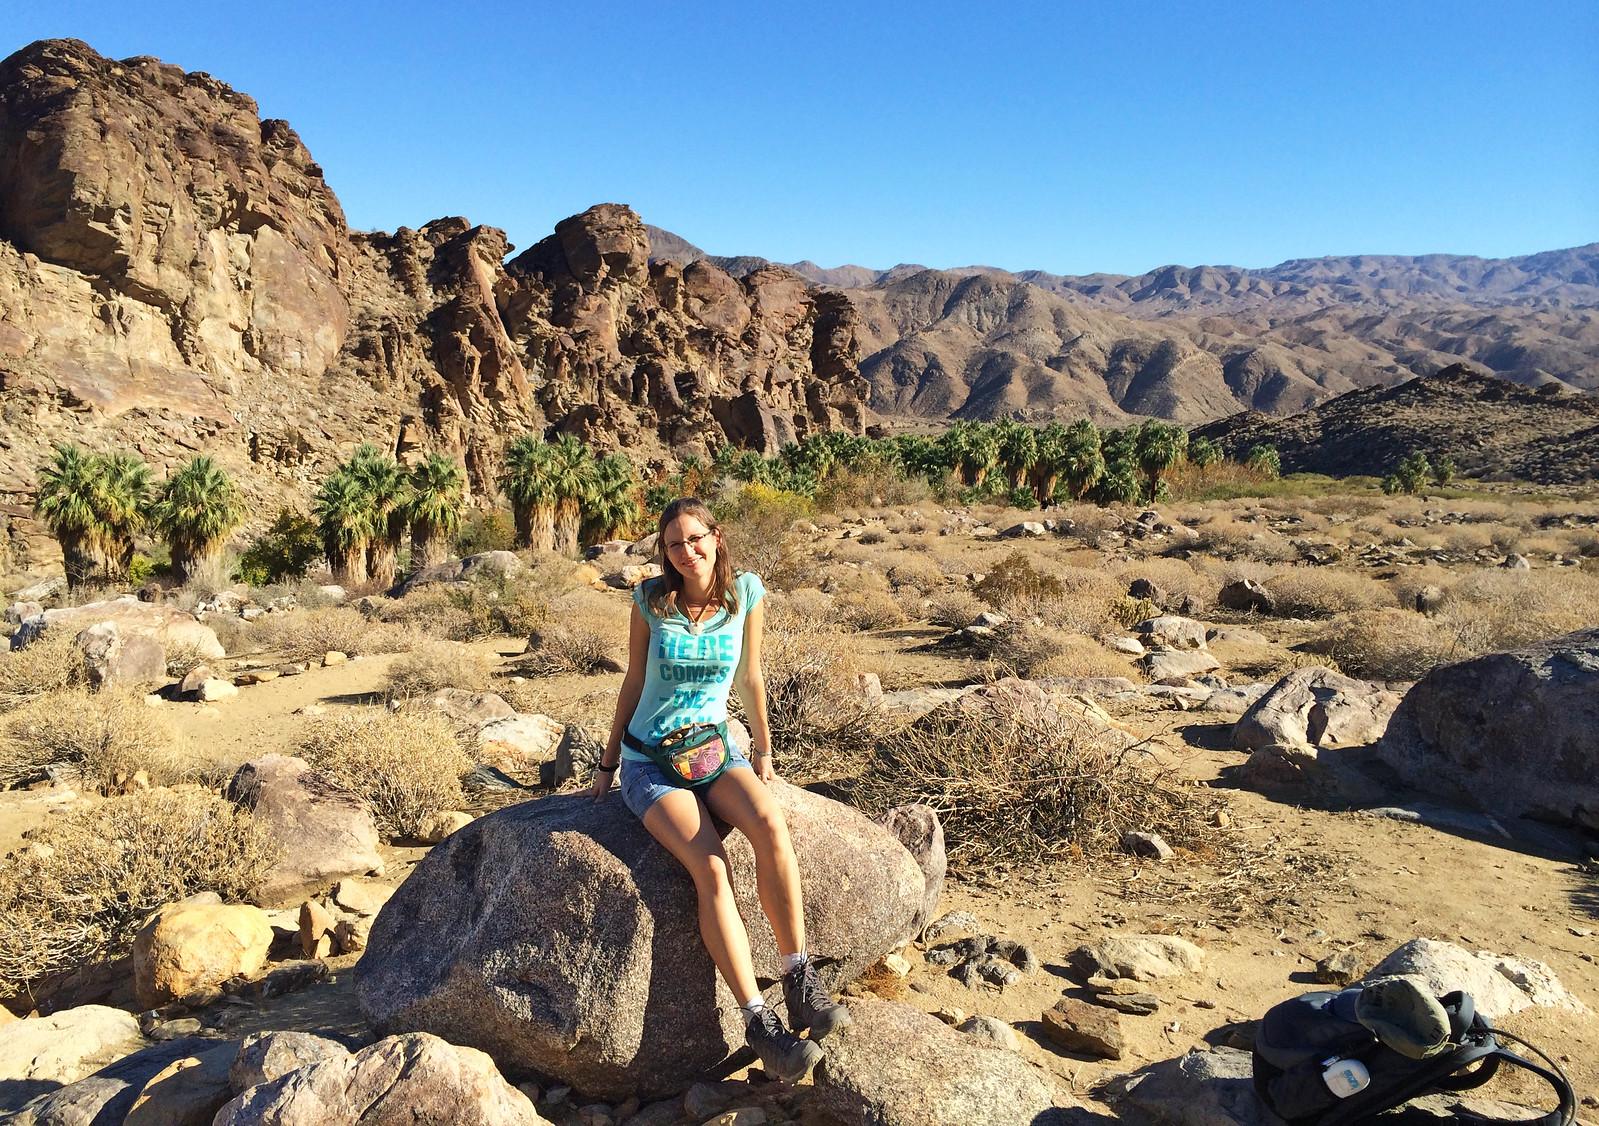 Indian Canyons, California, USA